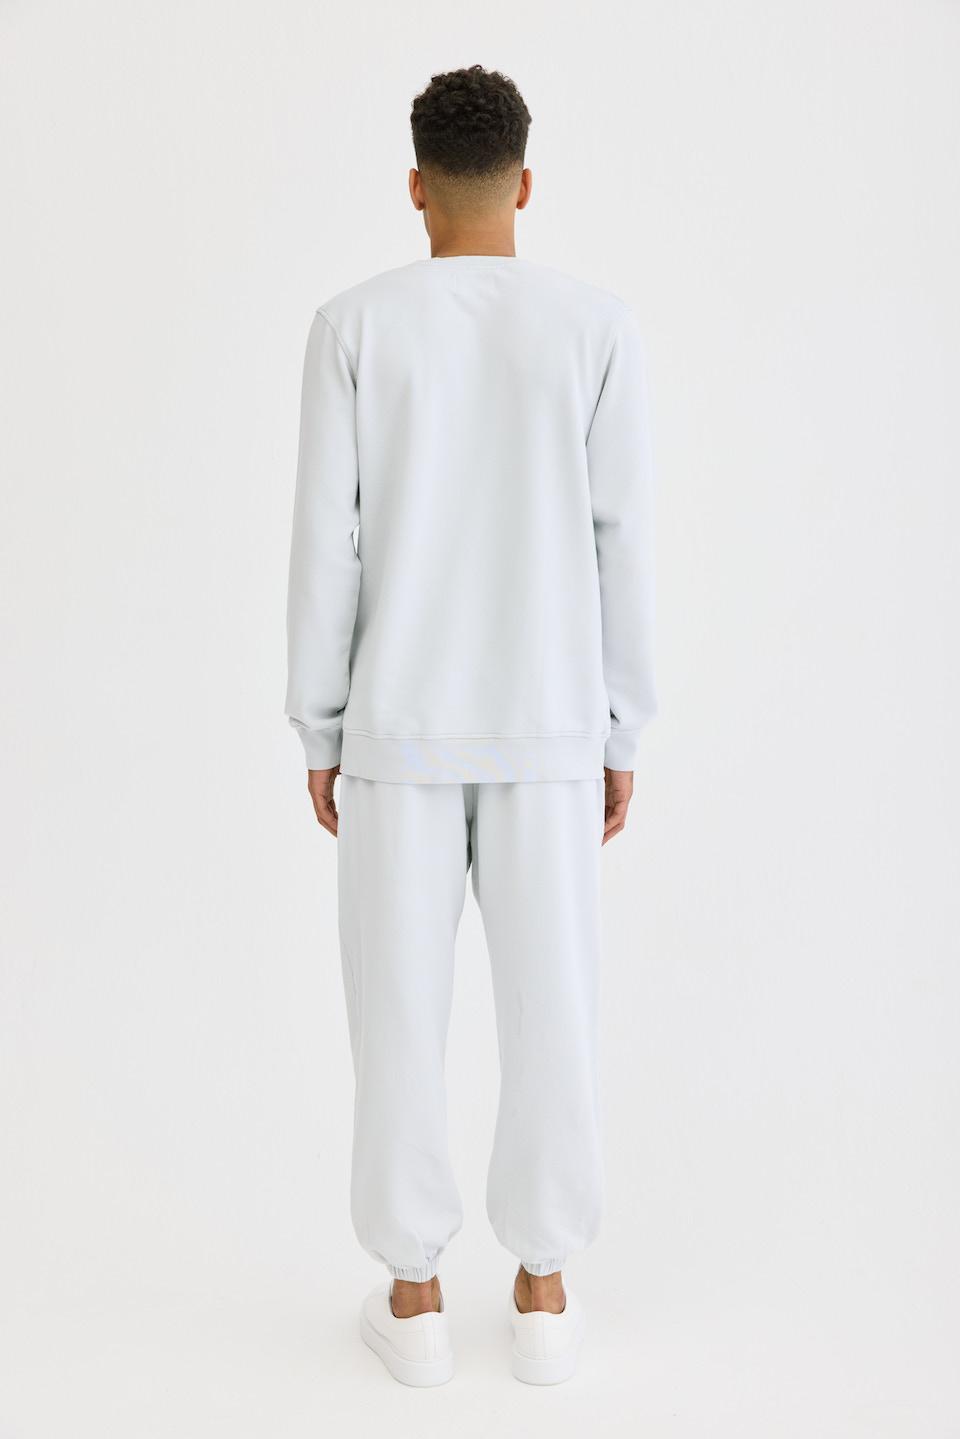 CPH Sweat 4M org. cotton light grey - alternative 1